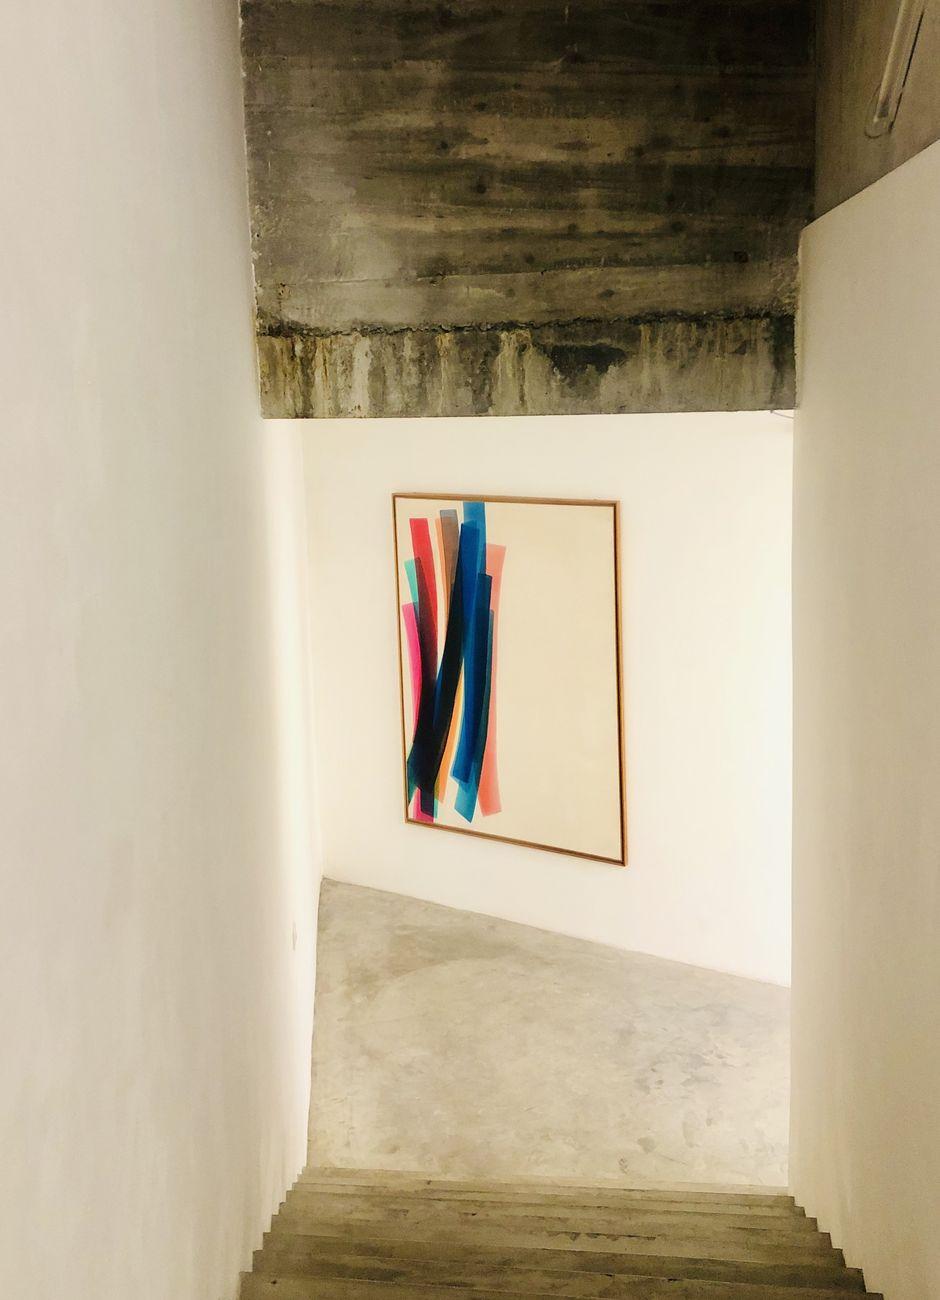 Rosanna Rossi, Senza titolo (Bande Colorate), 1973